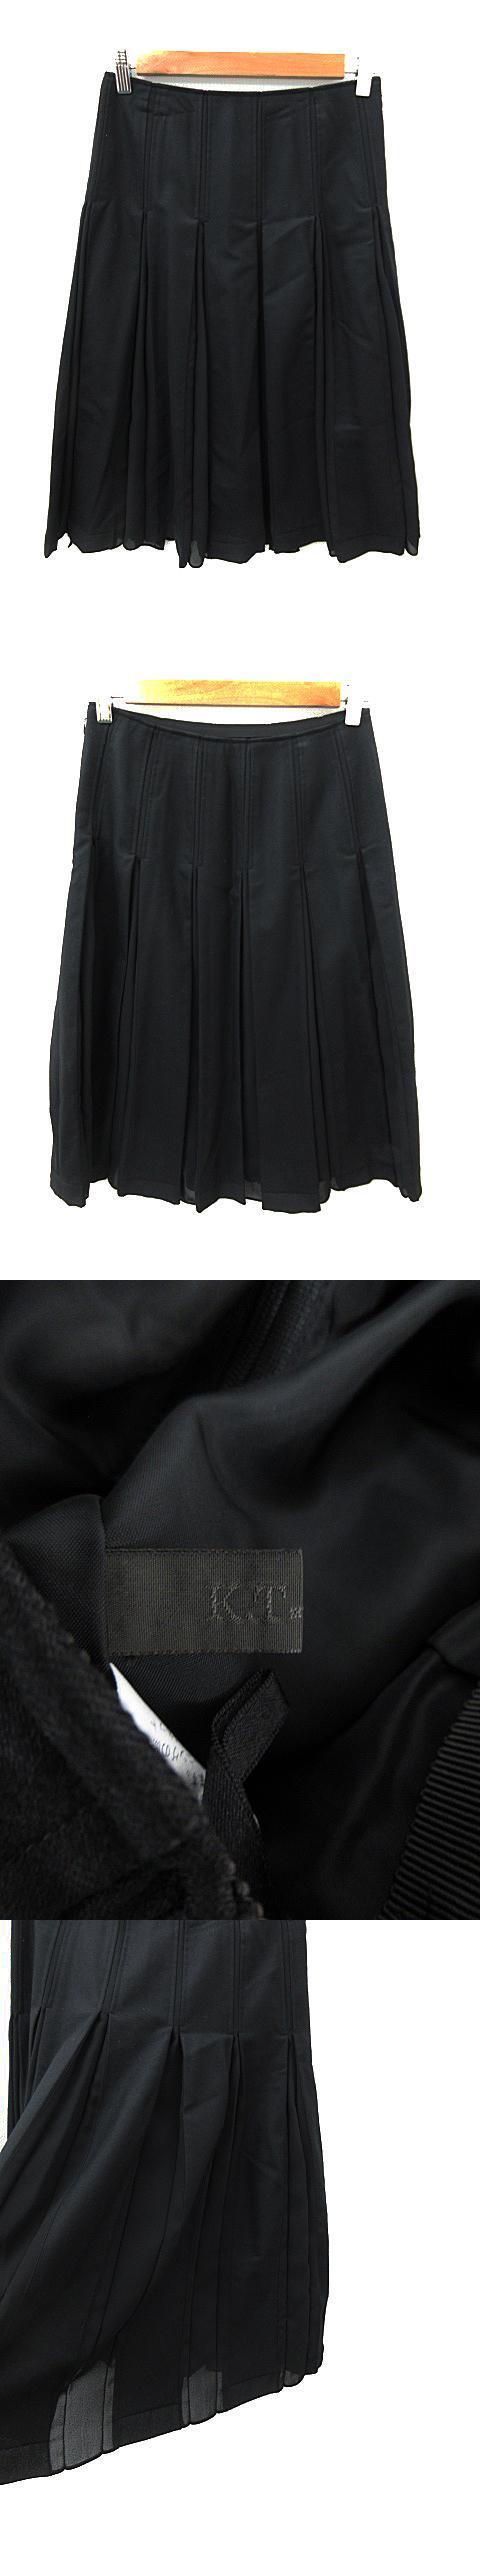 スカート フレア プリーツ ミモレ丈 ウール 9 黒 ブラック /NS30